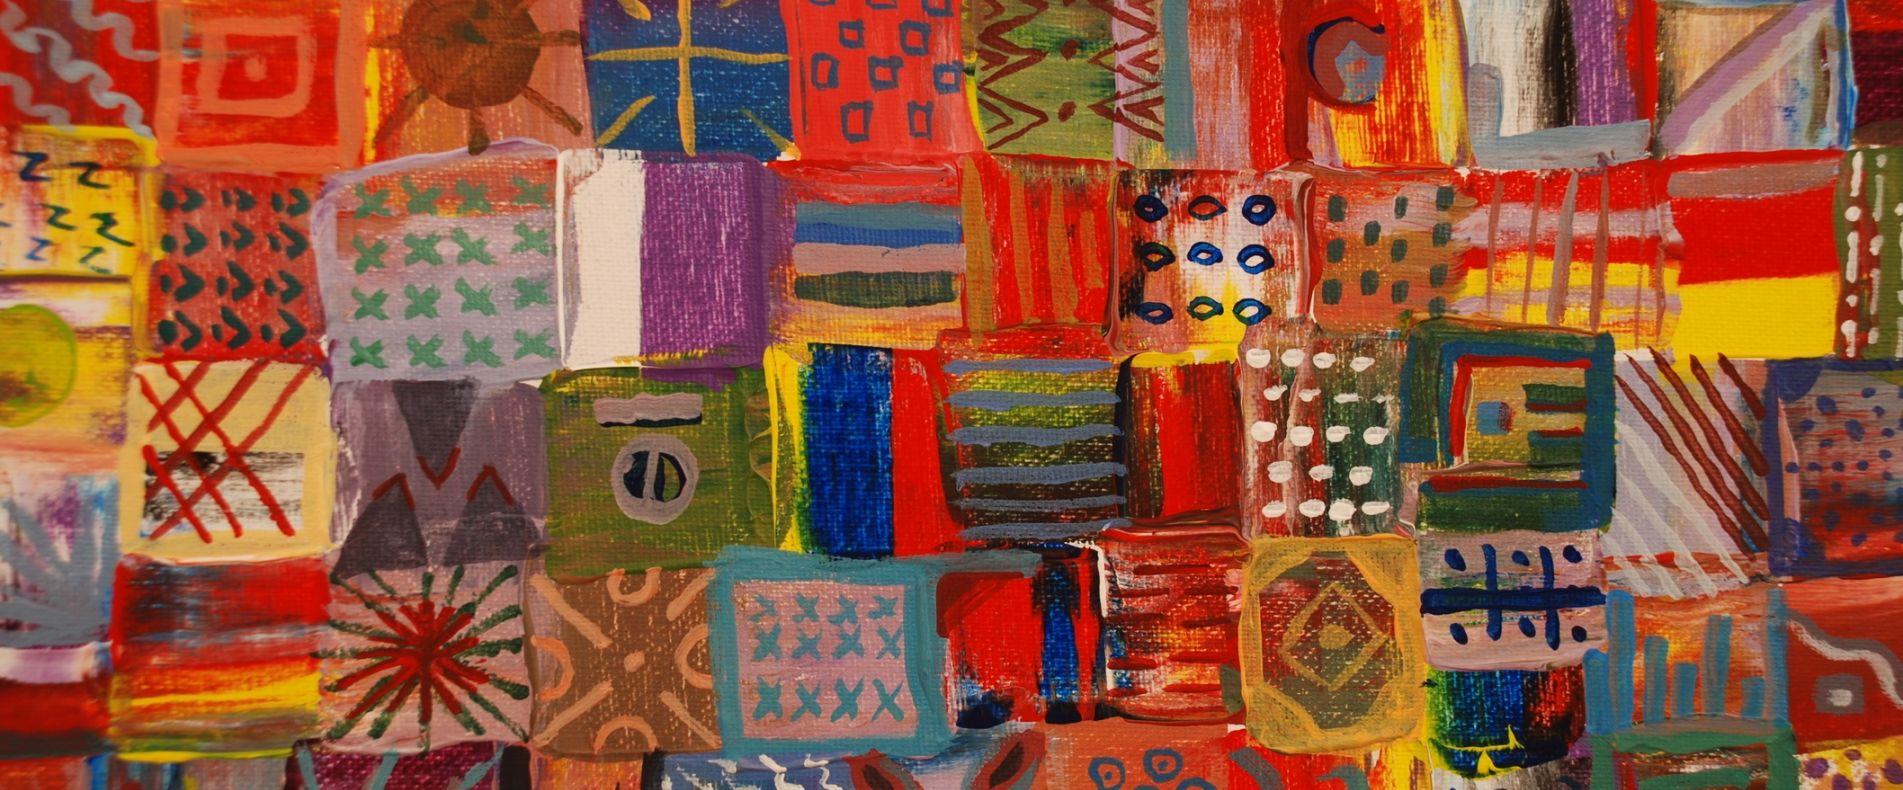 Quilt Image - 021012 0